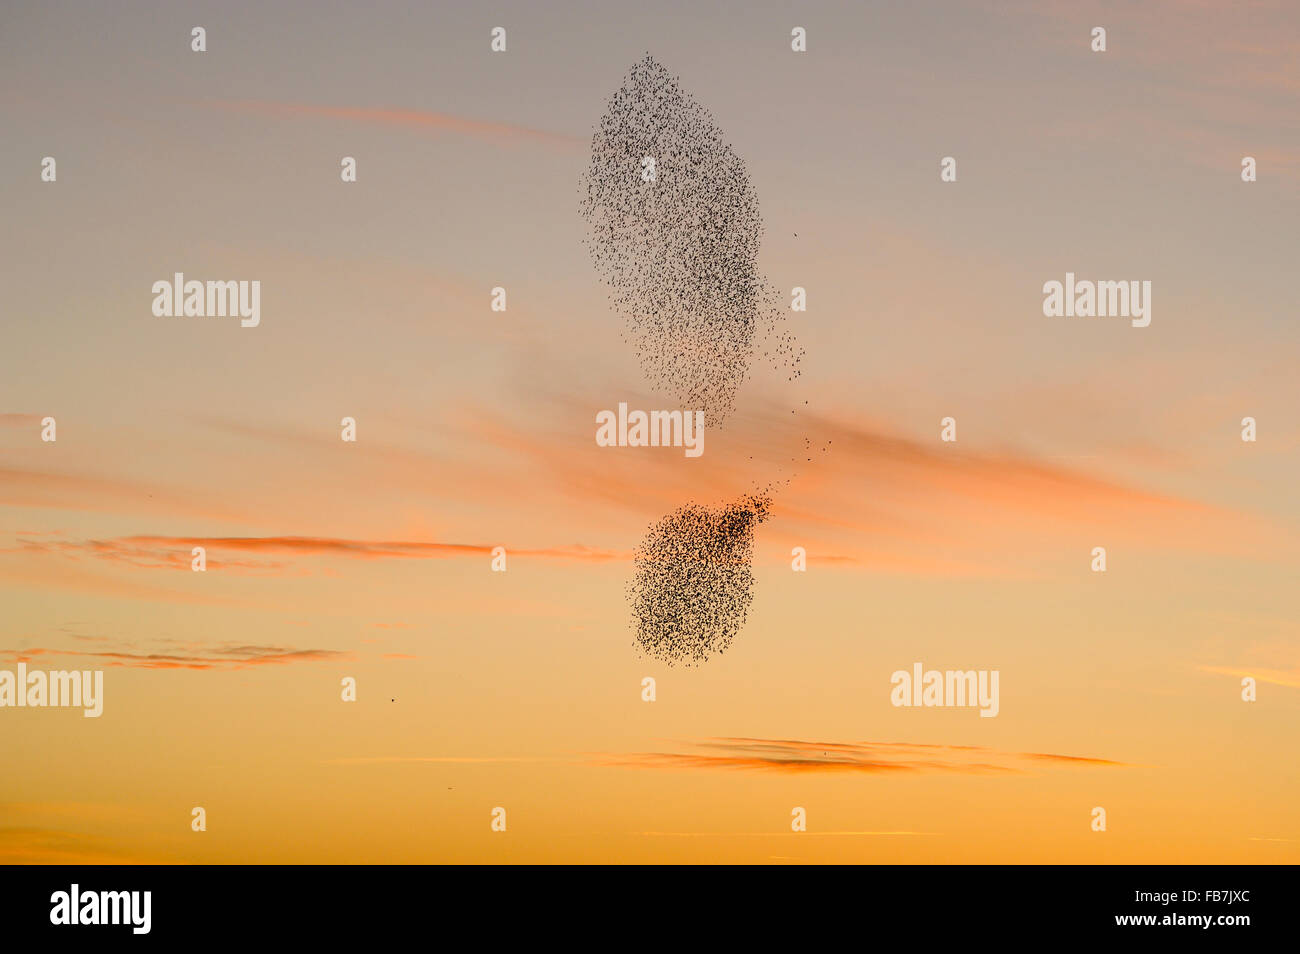 Rebaño estornino (Sturnus vulgaris) en la puesta de sol, con el halcón peregrino (Falco peregrinus) volando junto al rebaño, la agrupación en el s Foto de stock